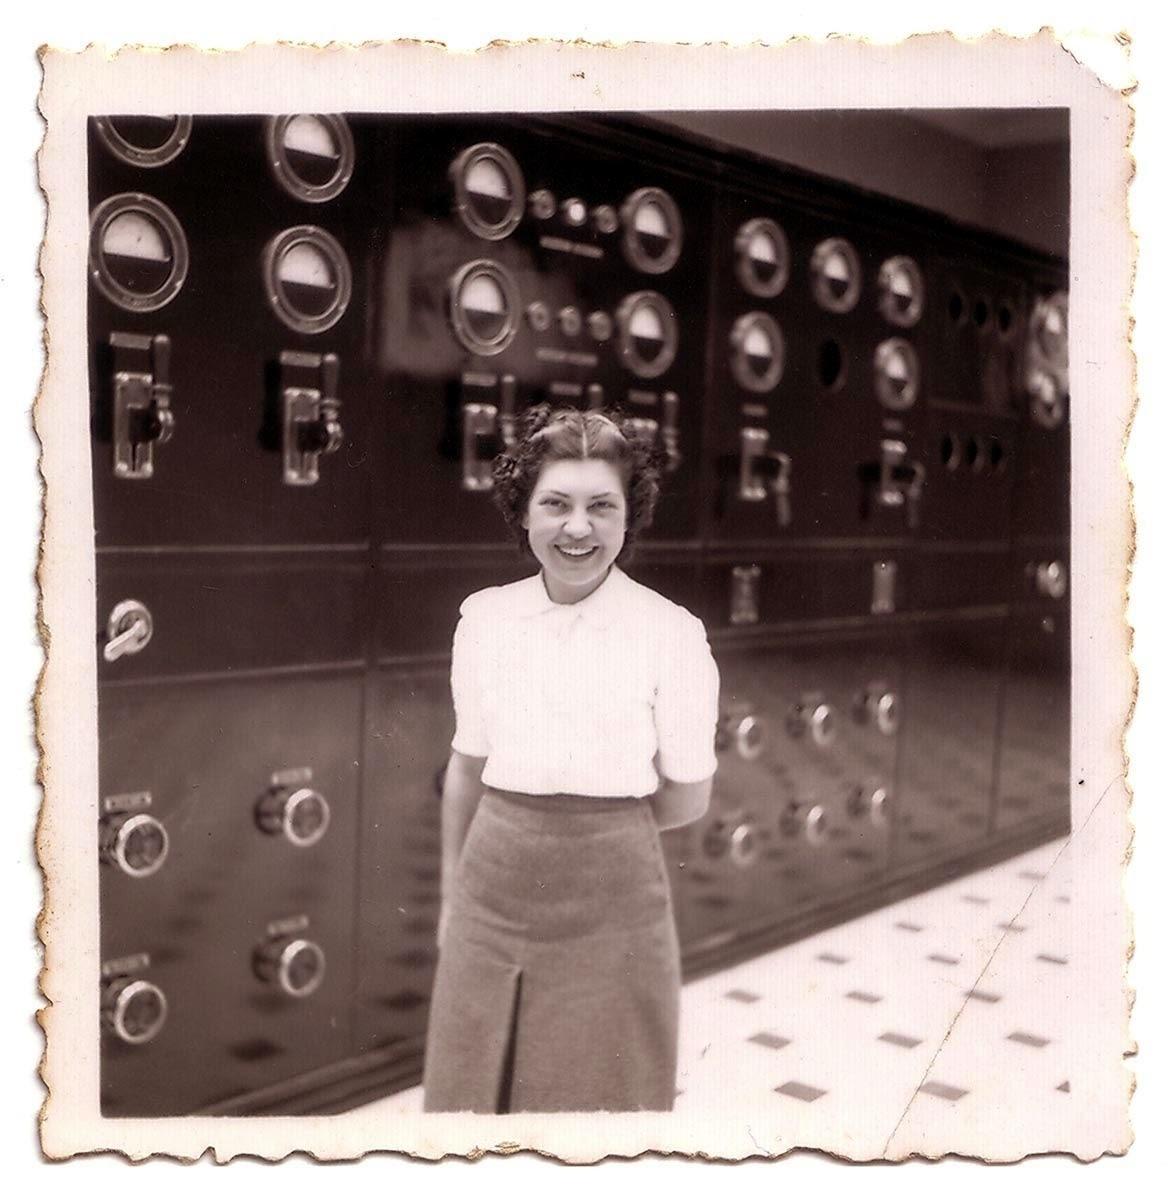 Maria Escrihuela, l'abril del 1940, a la sala de màquines de l'edifici de Radio Andorra al Roc del Pui encampadà.